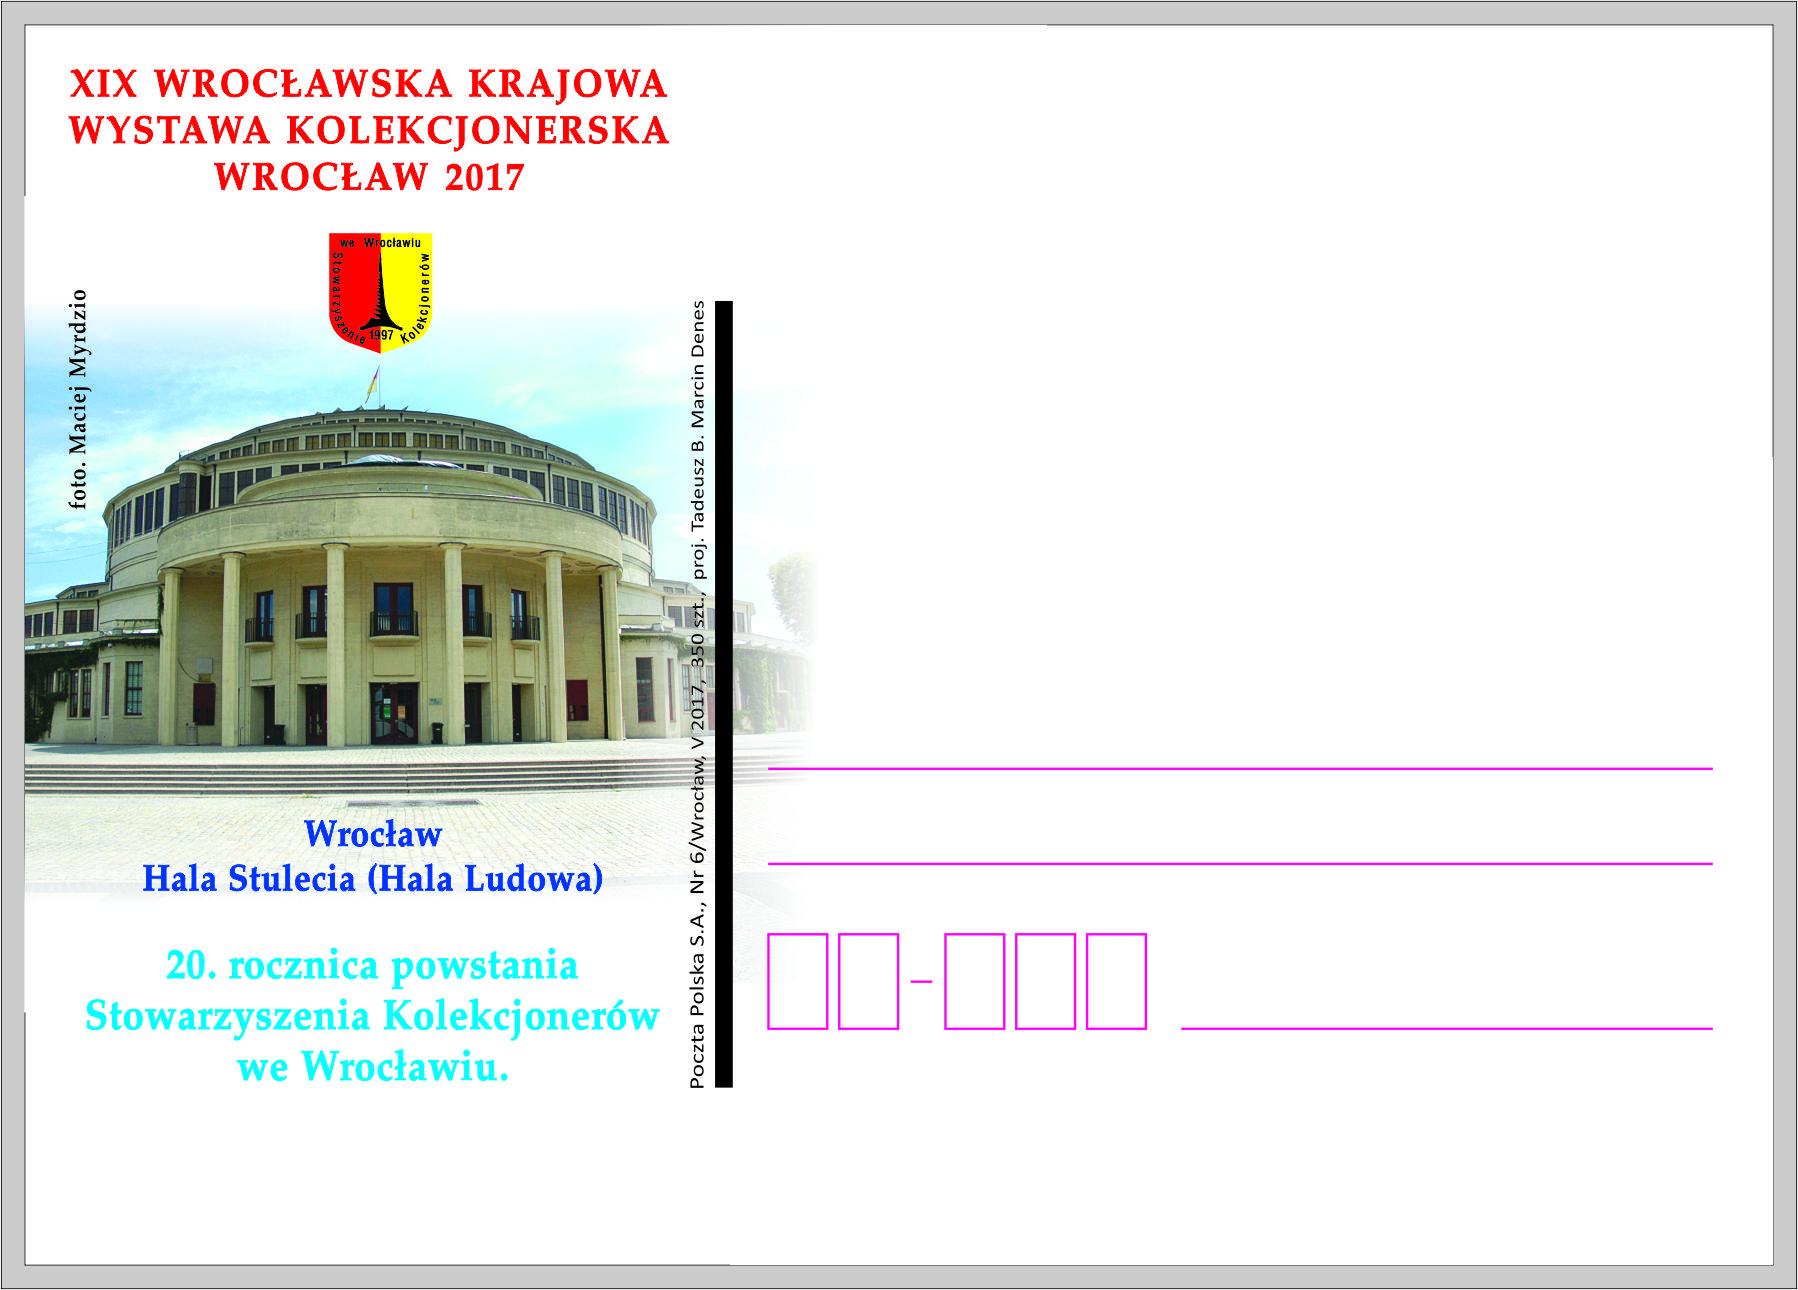 kartka pocztowa 2017 hala